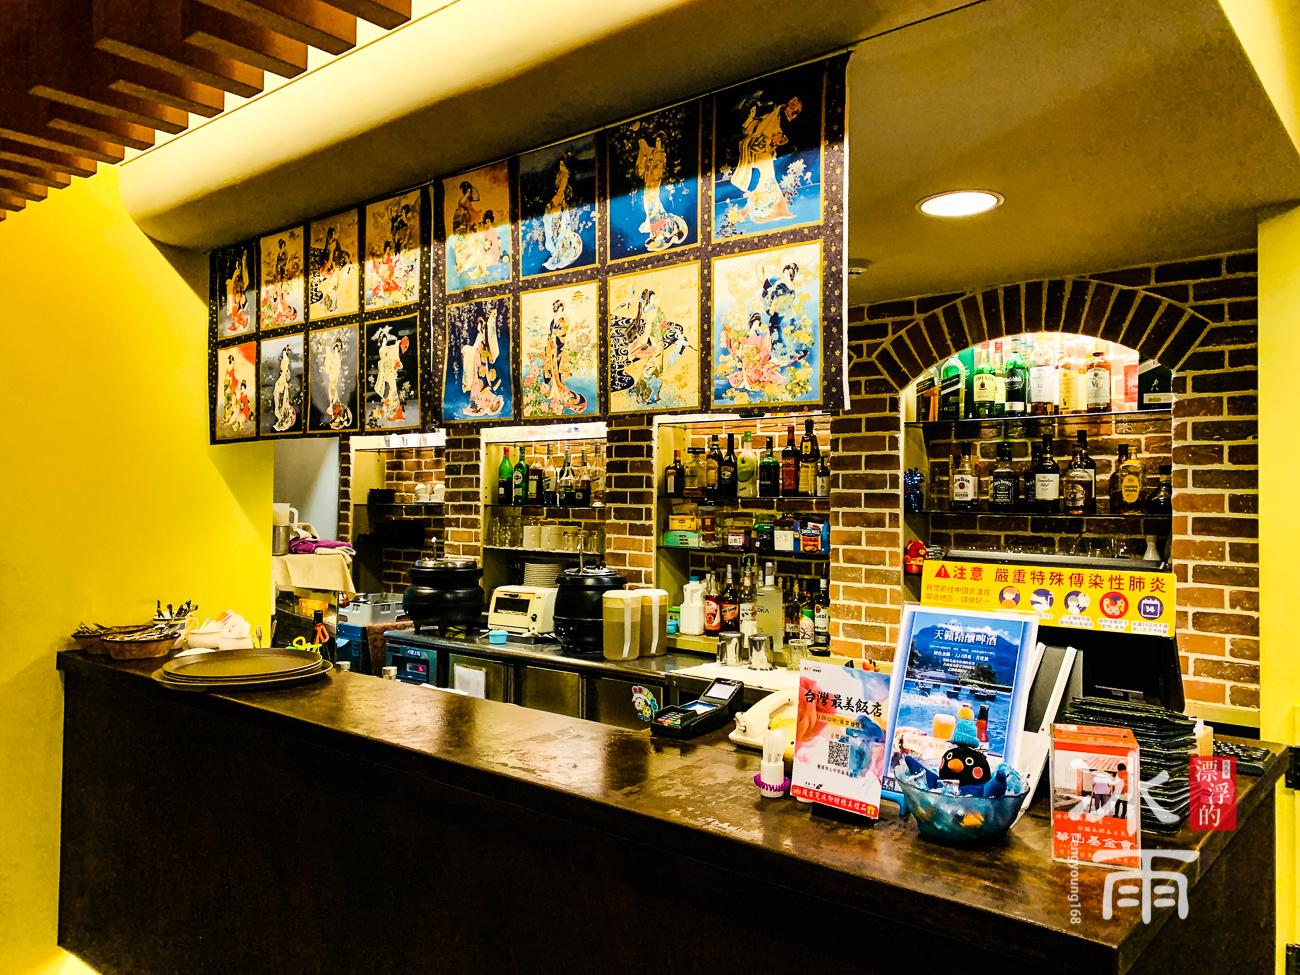 陽明山天籟渡假酒店|晚餐吧台區